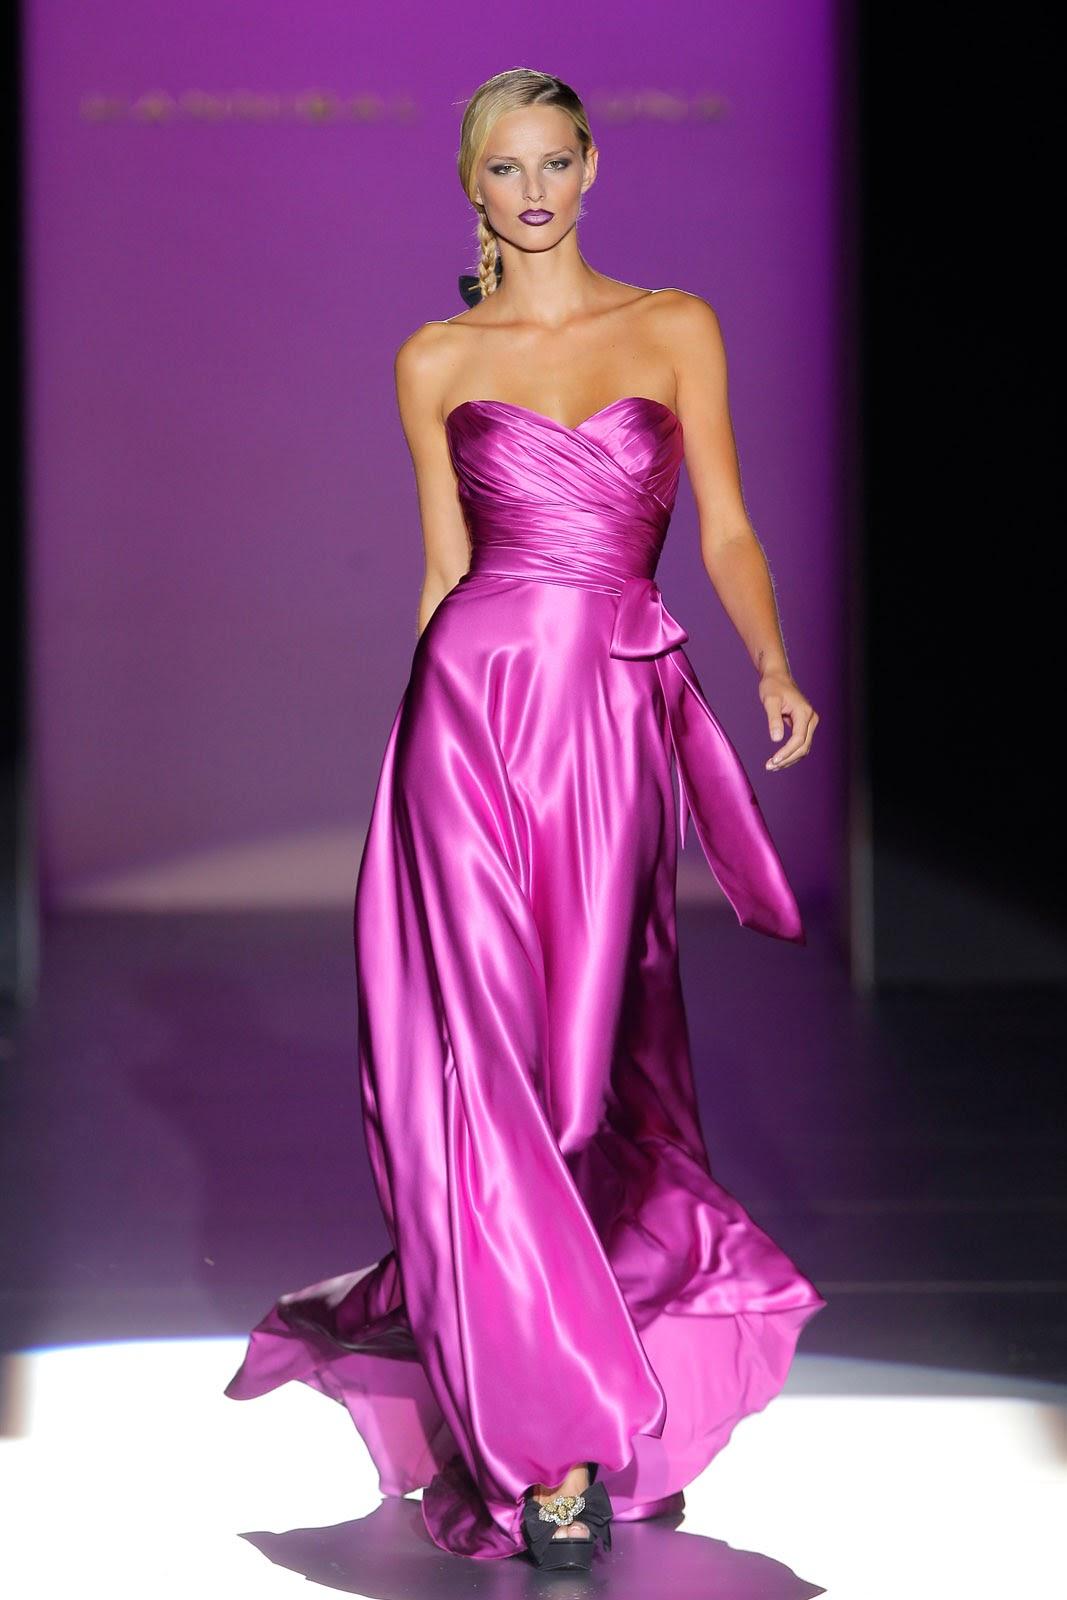 Lujoso Catálogo De Vestidos De Fiesta Friso - Colección de Vestidos ...